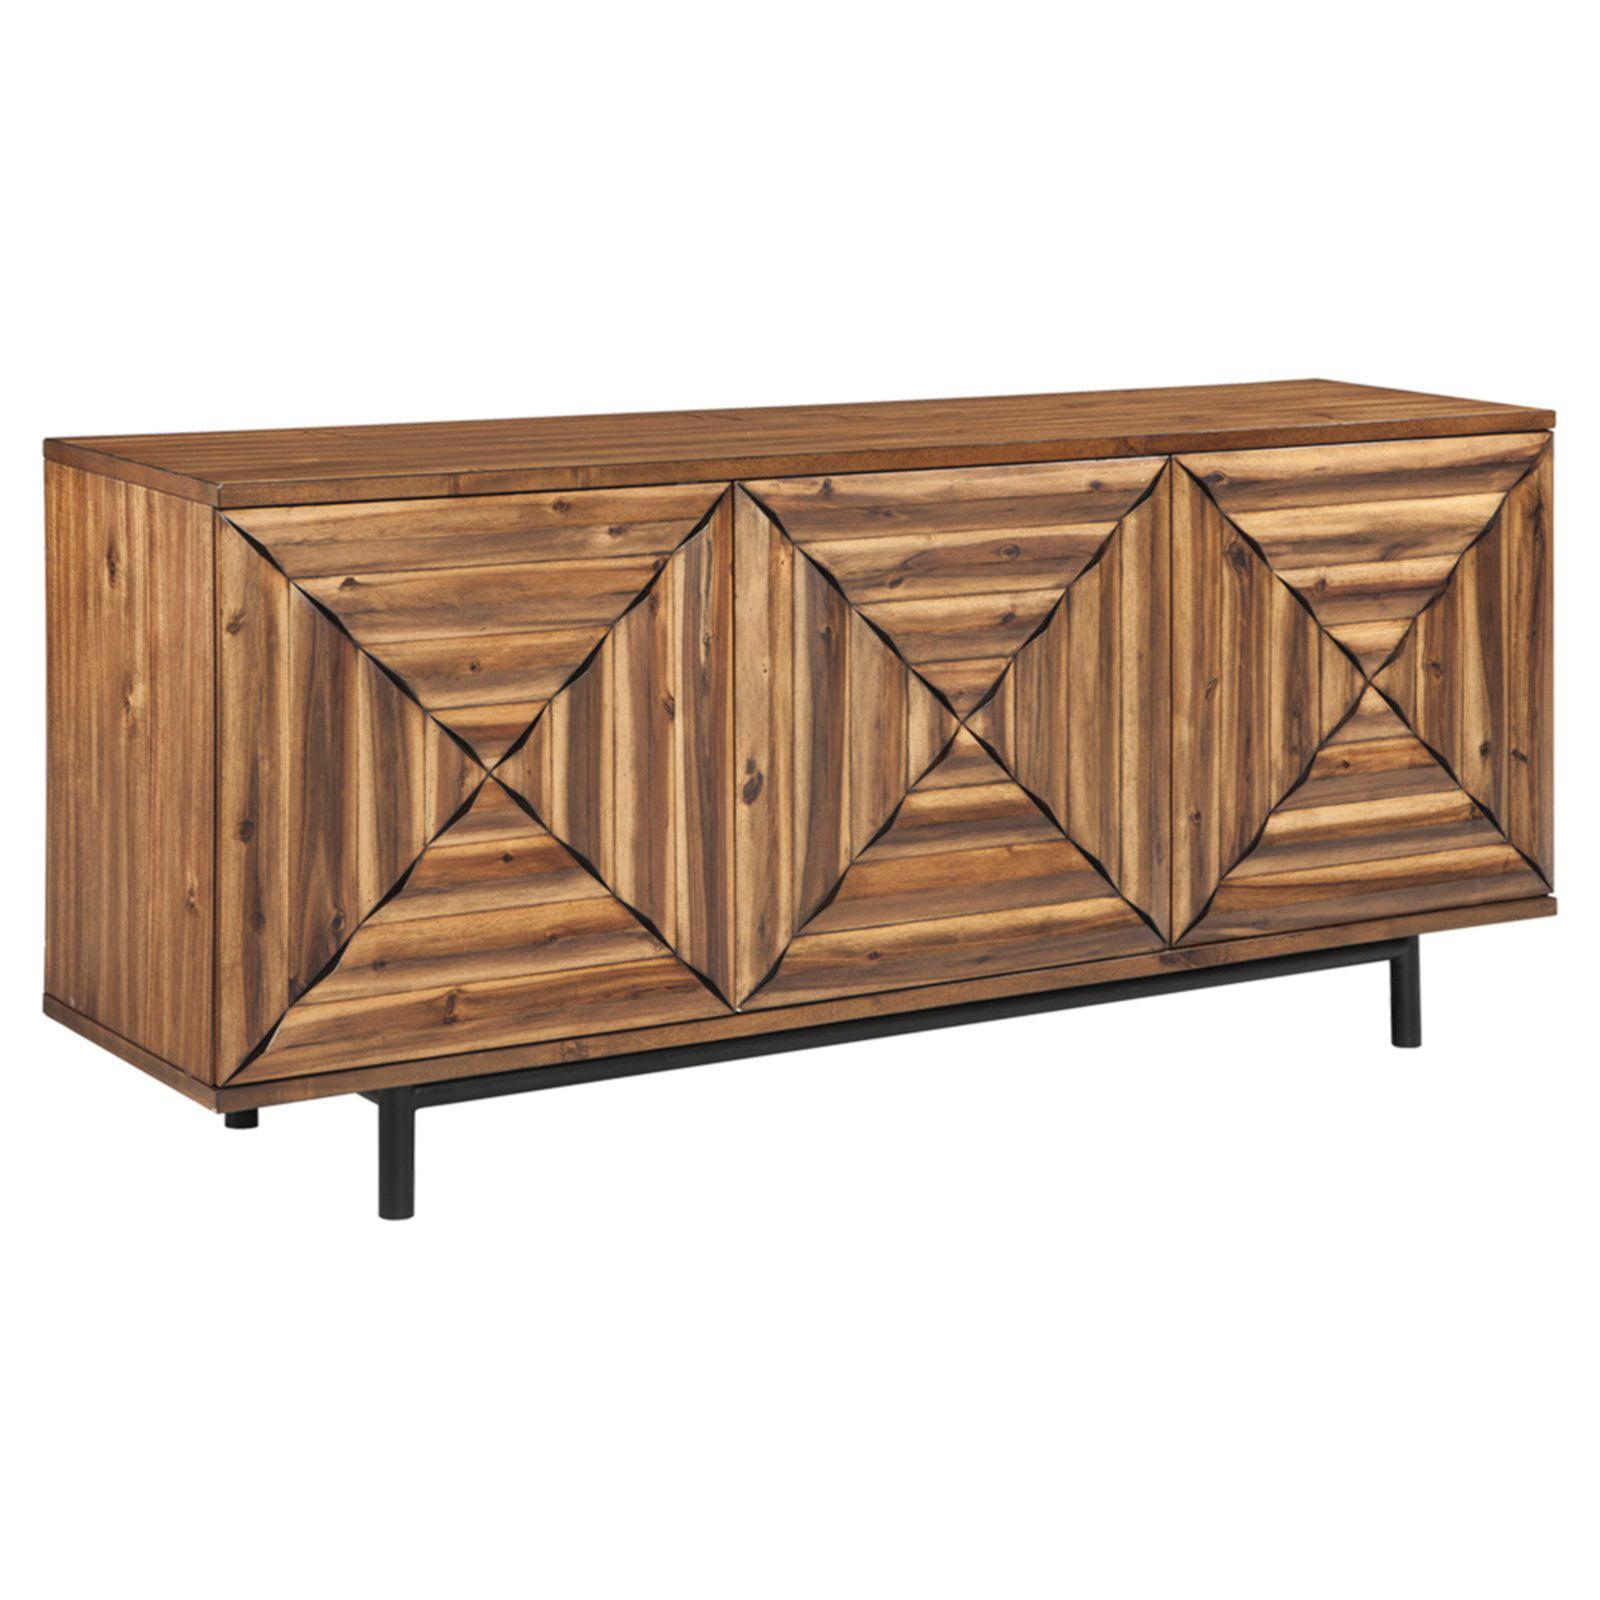 Signature Design by Ashley Fair Ridge 72 in. Three Door Accent Cabinet